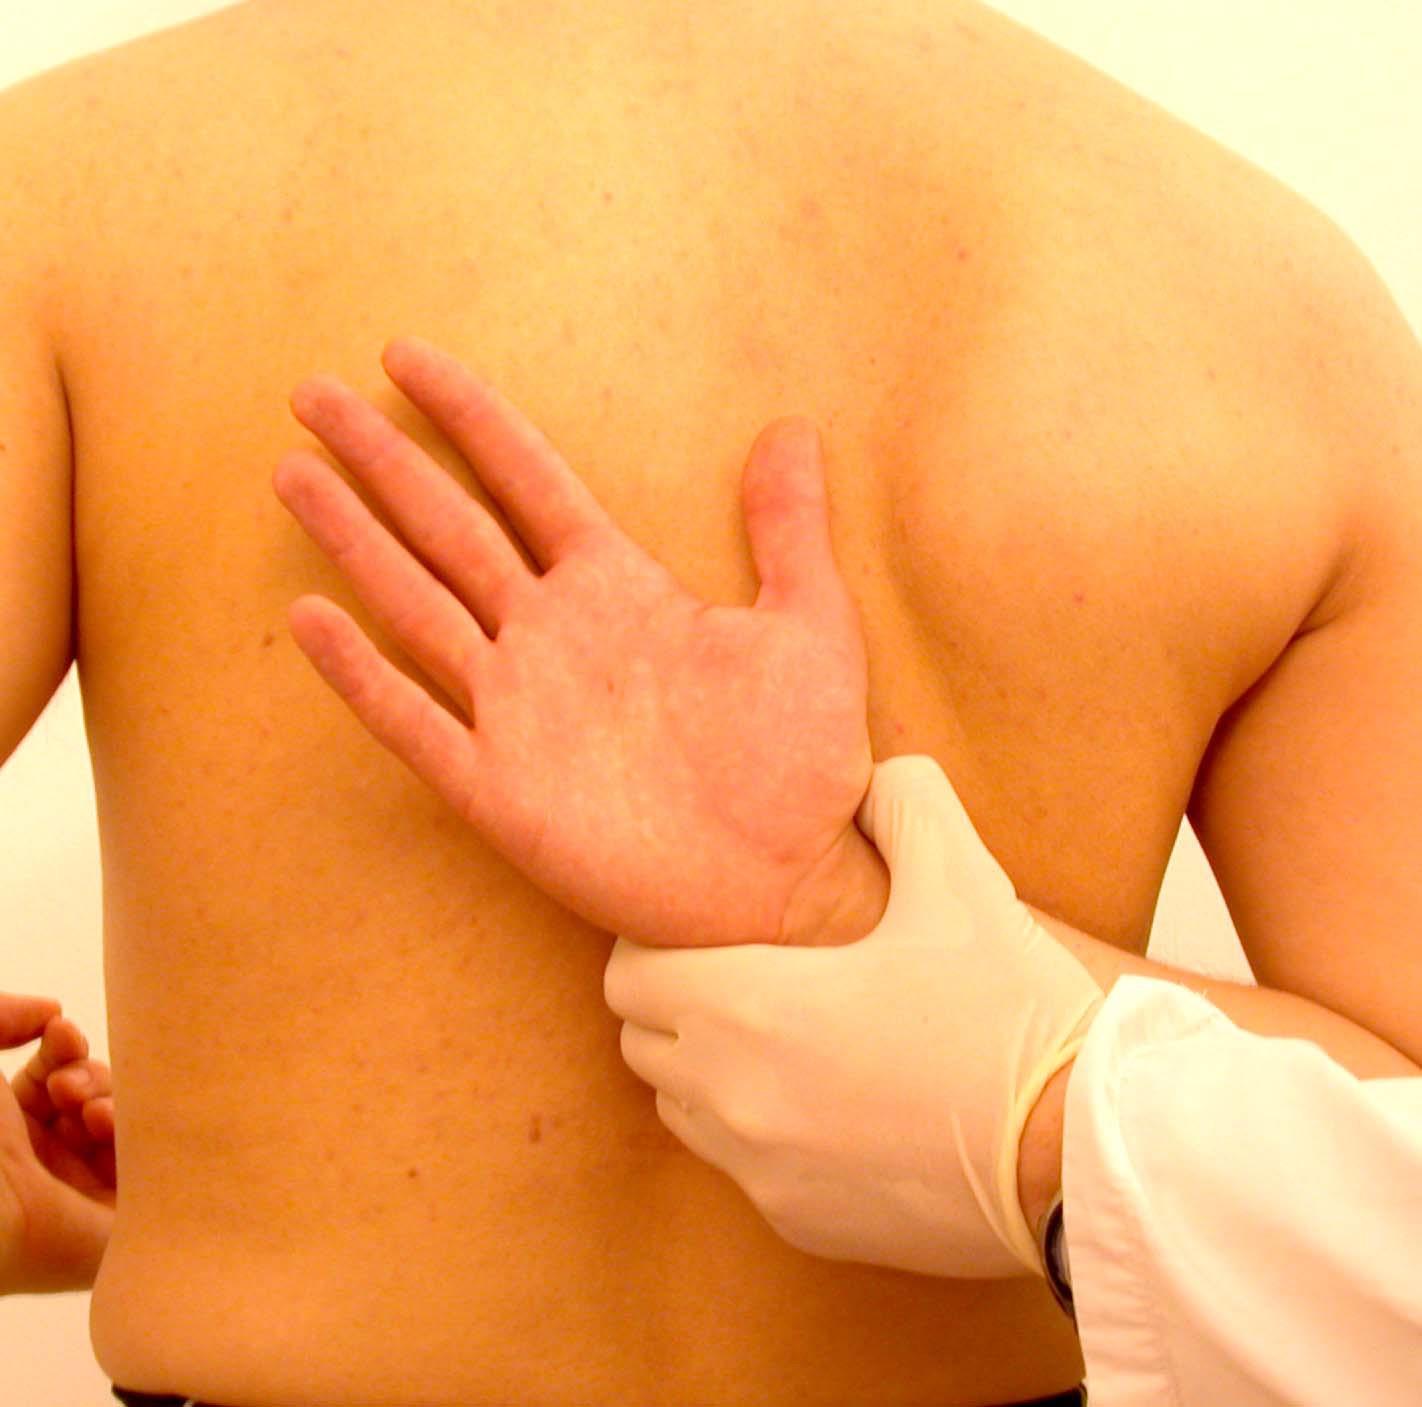 generalmente il sospetto di diagnostica differenziale deriva dal fatto che con nel dolore riferito si ha un assenza della limitazione funzionale